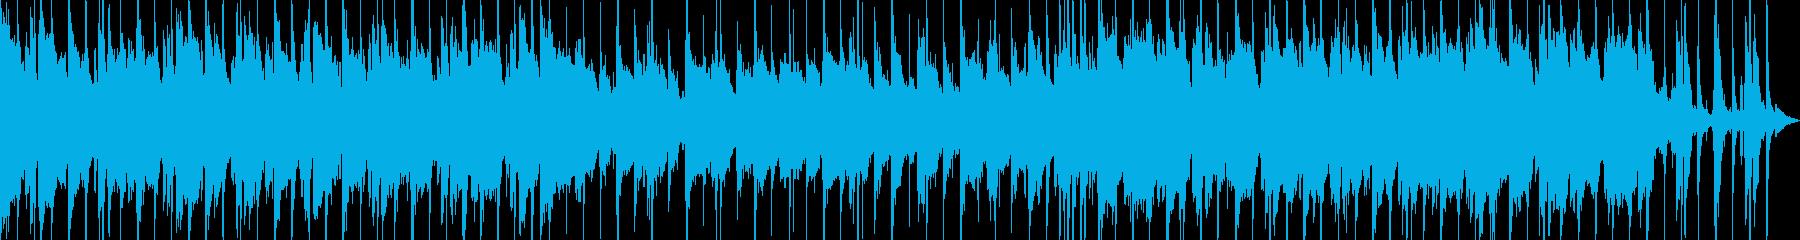 ポジティブで爽やかなポップ/ライト...の再生済みの波形